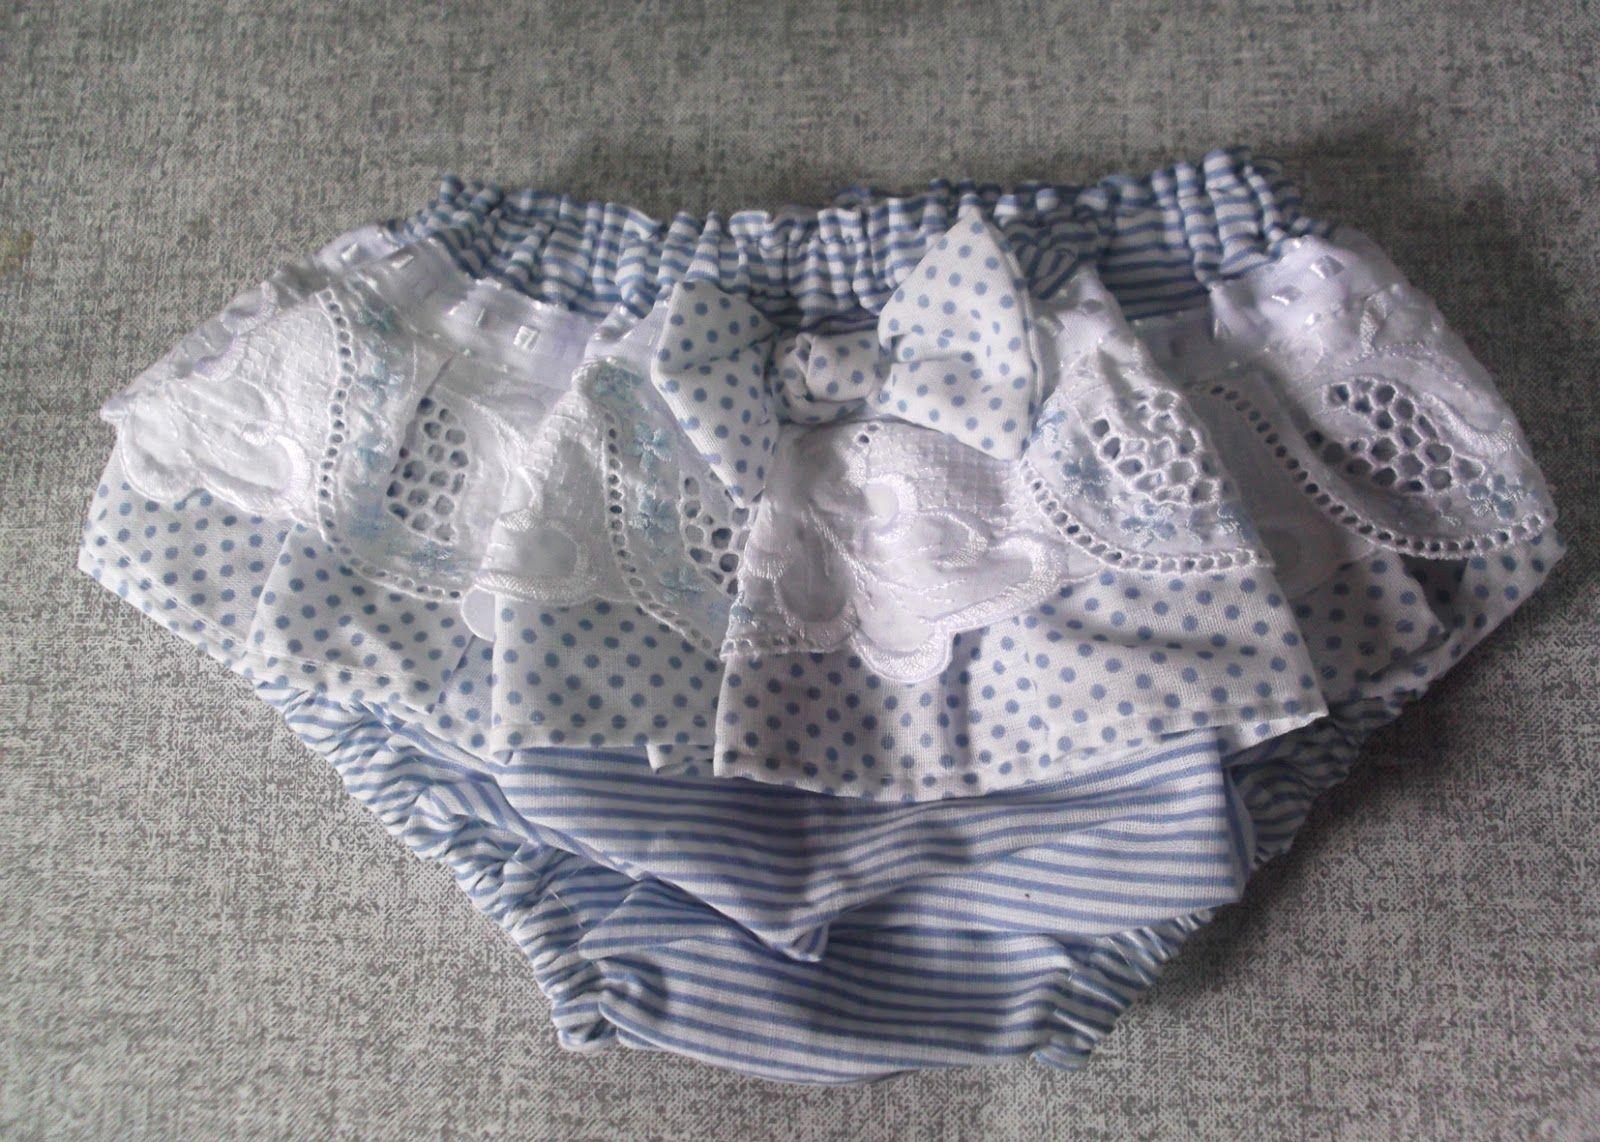 moldes de calcinha para meninas - Pesquisa Google  7c87b466b85